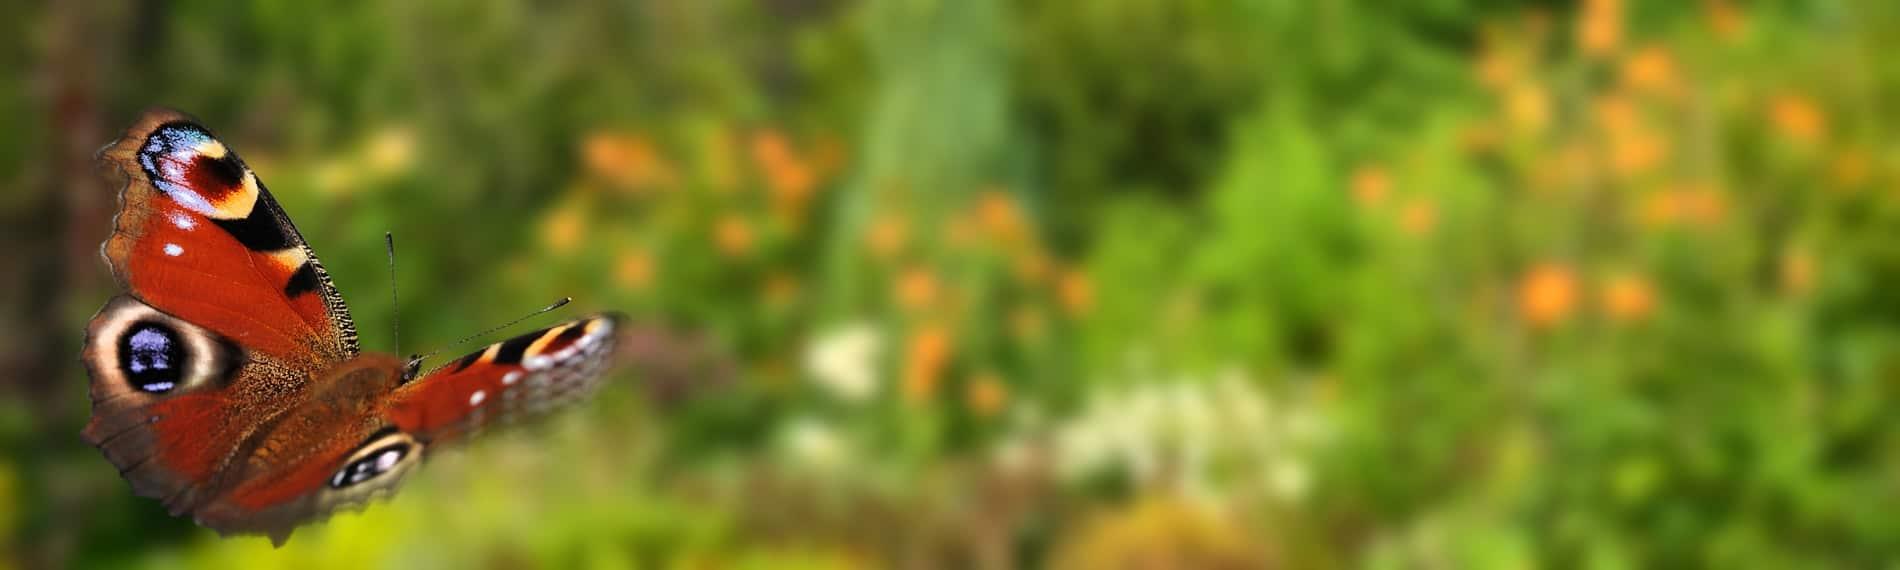 jol-slider-fotolia_106562745_m-min